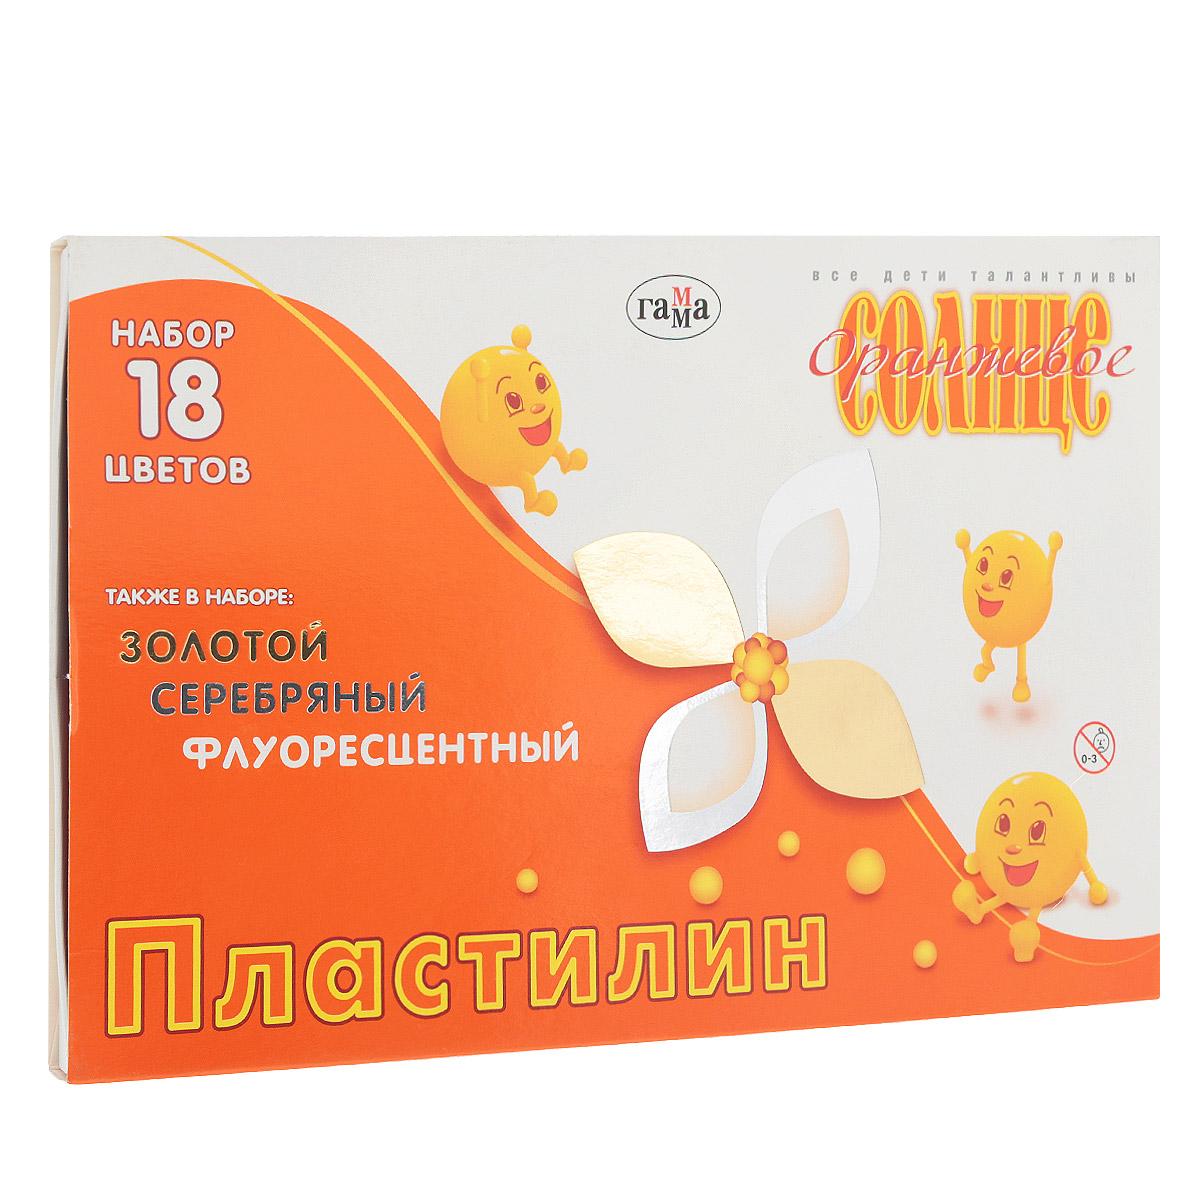 Пластилин Гамма Оранжевое солнце, 18 цветов280040Пластилин Гамма Оранжевое солнце предназначен для лепки и моделирования. Лепка из пластилина способствует развитию мелкой моторики рук и пространственного мышления, кроме того, это увлекательный досуг. Пластилин изготовлен из высококачественных компонентов, благодаря которым он не окрашивает руки, не прилипает к пальцам, хорошо держит форму, легко смешивается, не рвется, в процессе согревания мягко растягивается. С помощью стека, вложенного в коробку, ребенок может наносить орнамент на свои изделия, что позитивно влияет на творческое мышление. Длина стека 13 см. В набор входят: 6 брусочков цветного пластилина (белый, желтый, красный, зеленый, красно-коричневый, черный), 6 брусочков перламутрового (серебряный, золотой, коралловый, салатовый, голубой, сиреневый) и 6 брусочков флуоресцентного воскового пластилина (лимонный, оранжевый, красный, светло-зеленый, синий, темно-синий). Общая масса пластилина: 220 г.